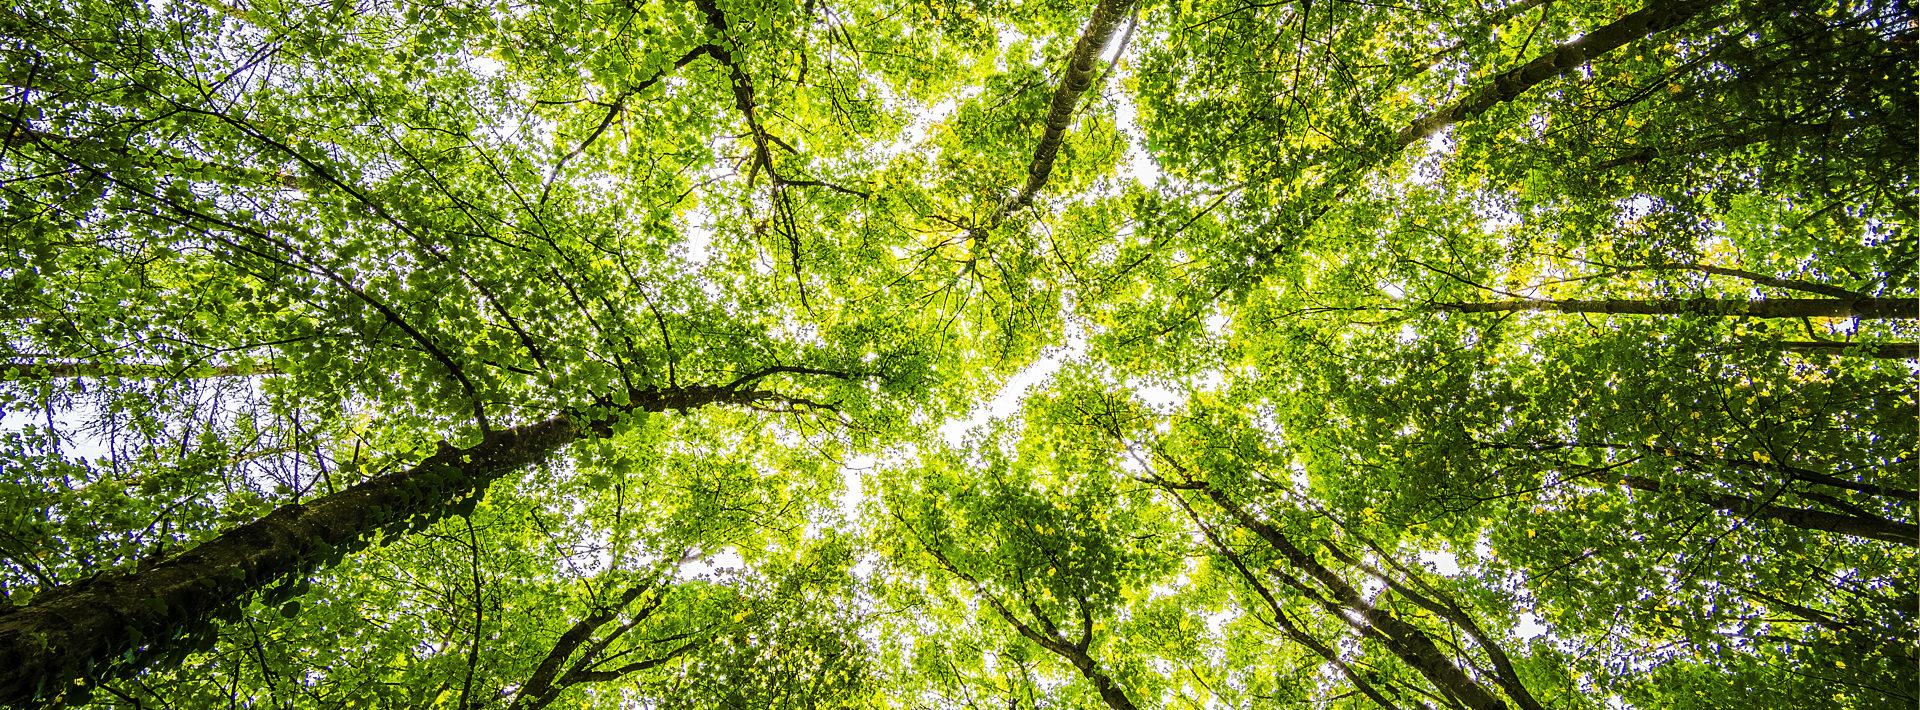 Image en-tête - Plantation d'arbre